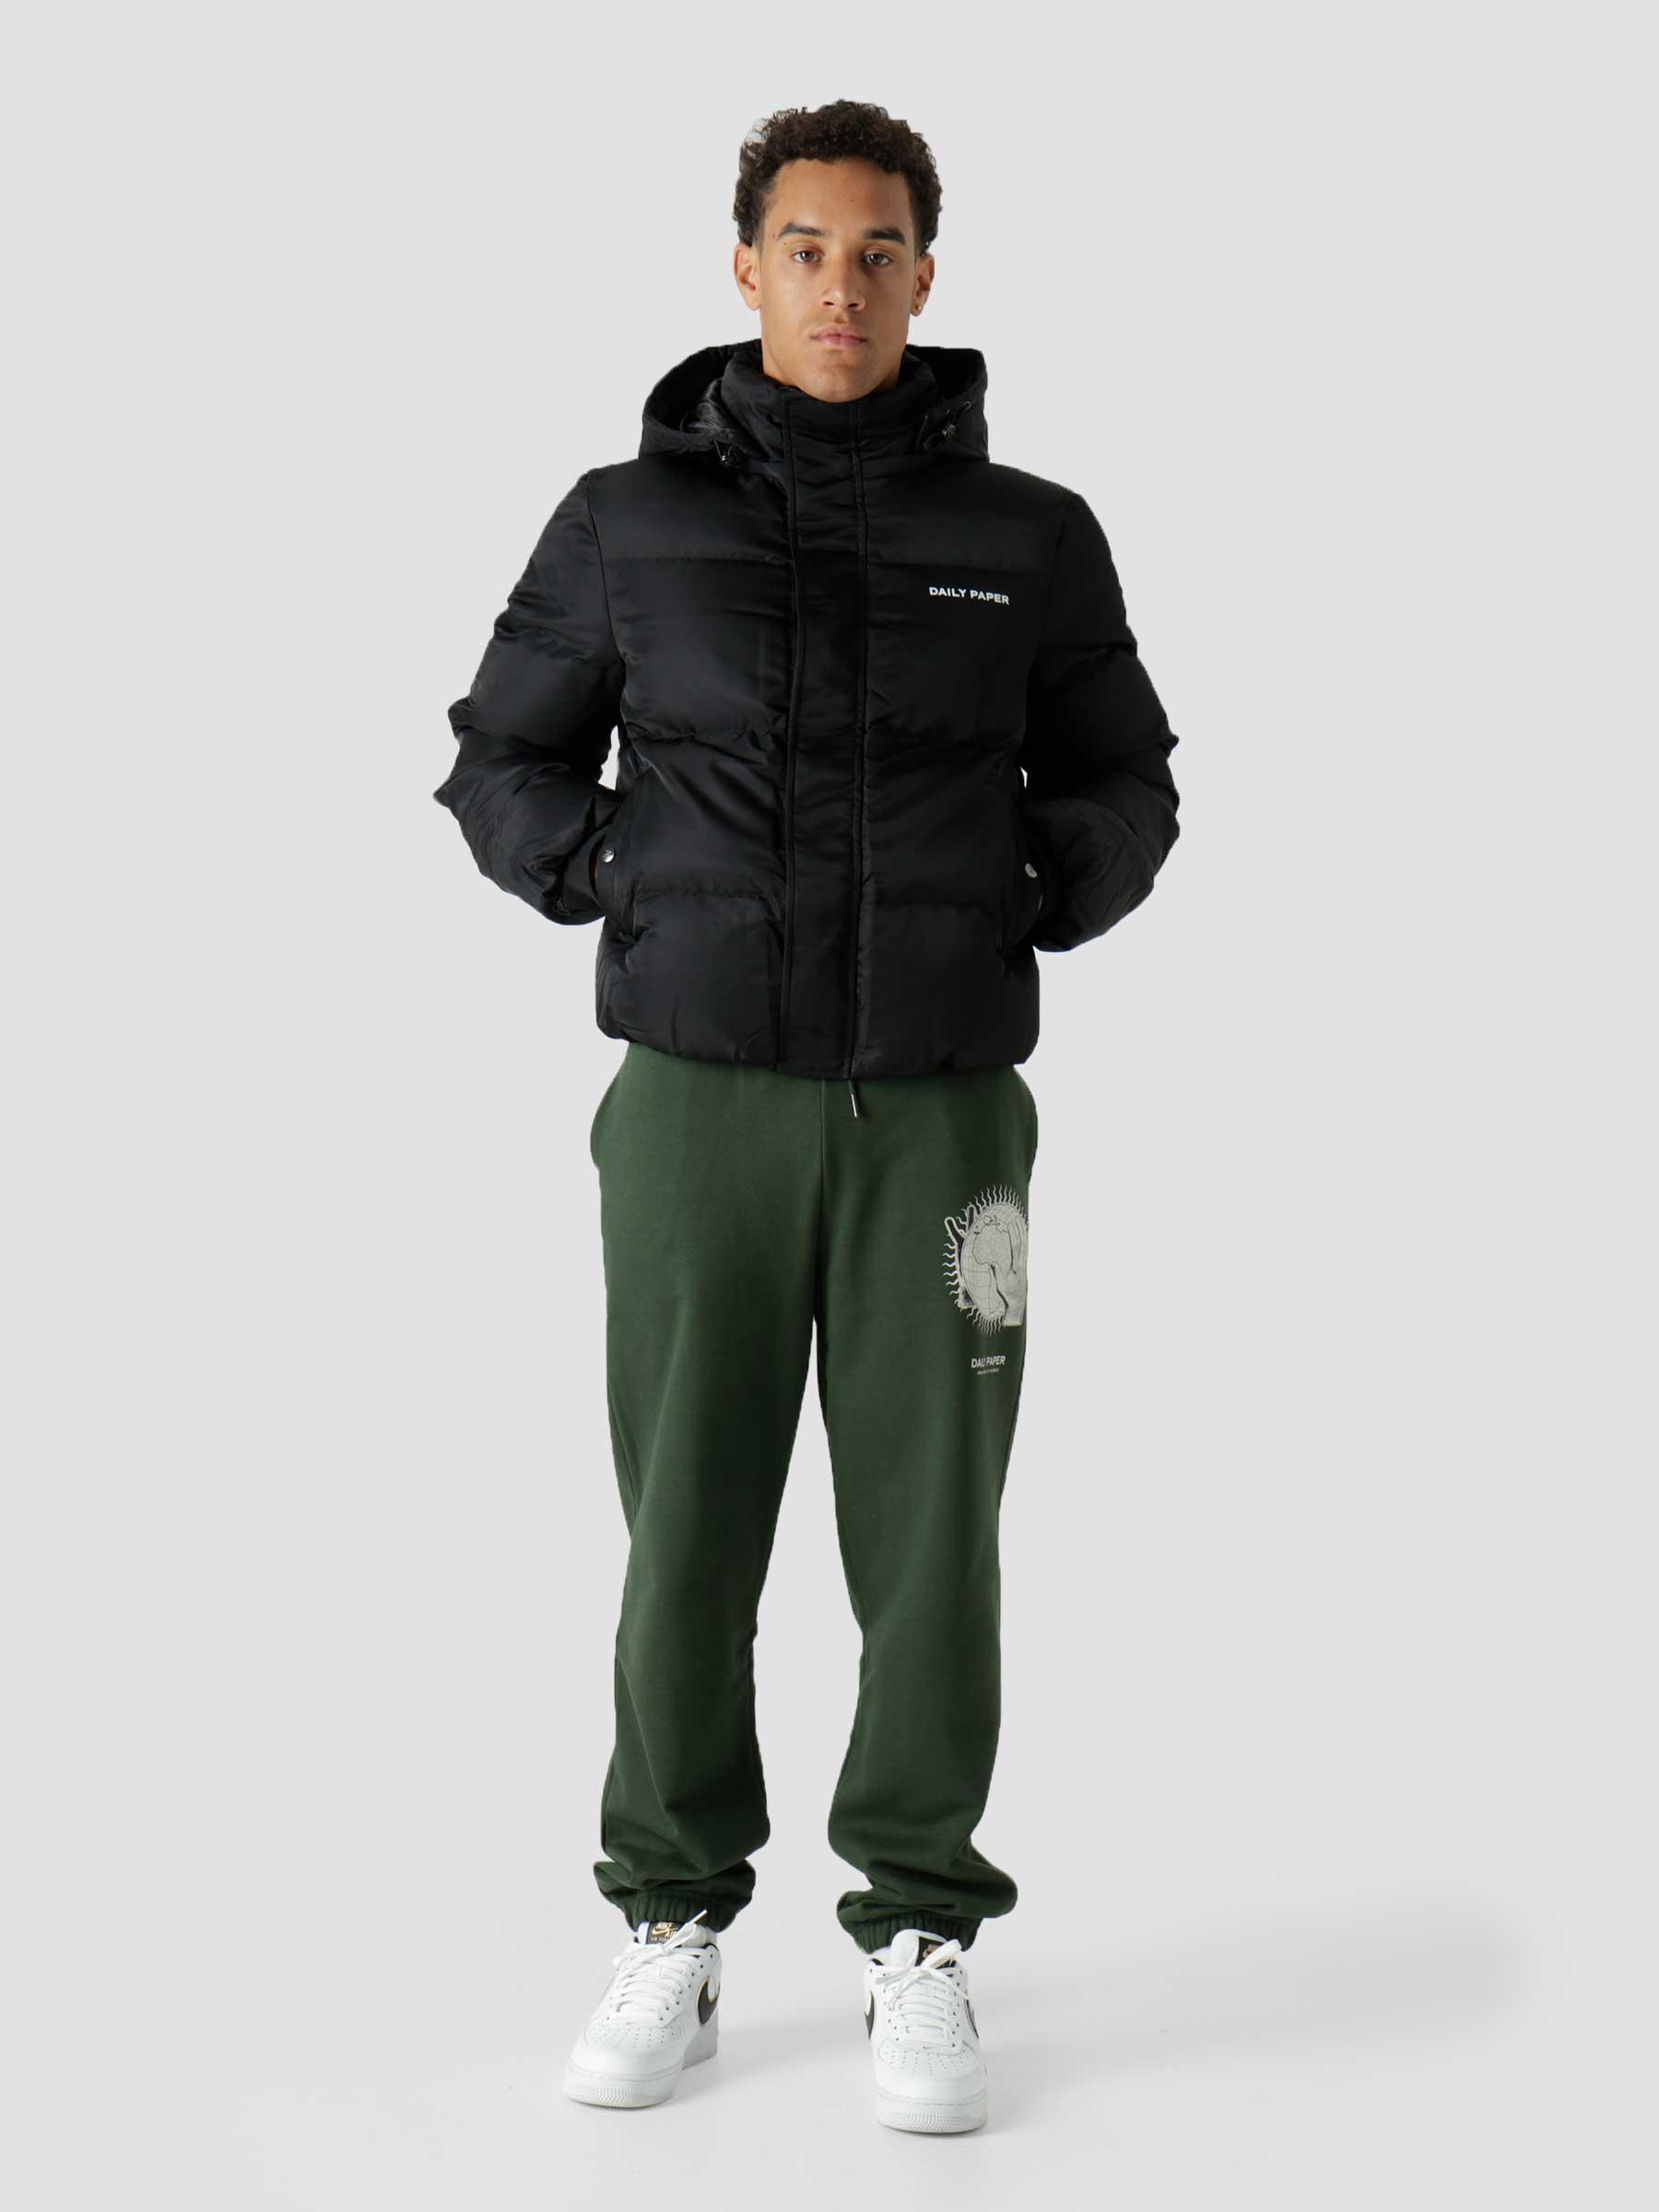 Epuffa Jacket Black 2021129